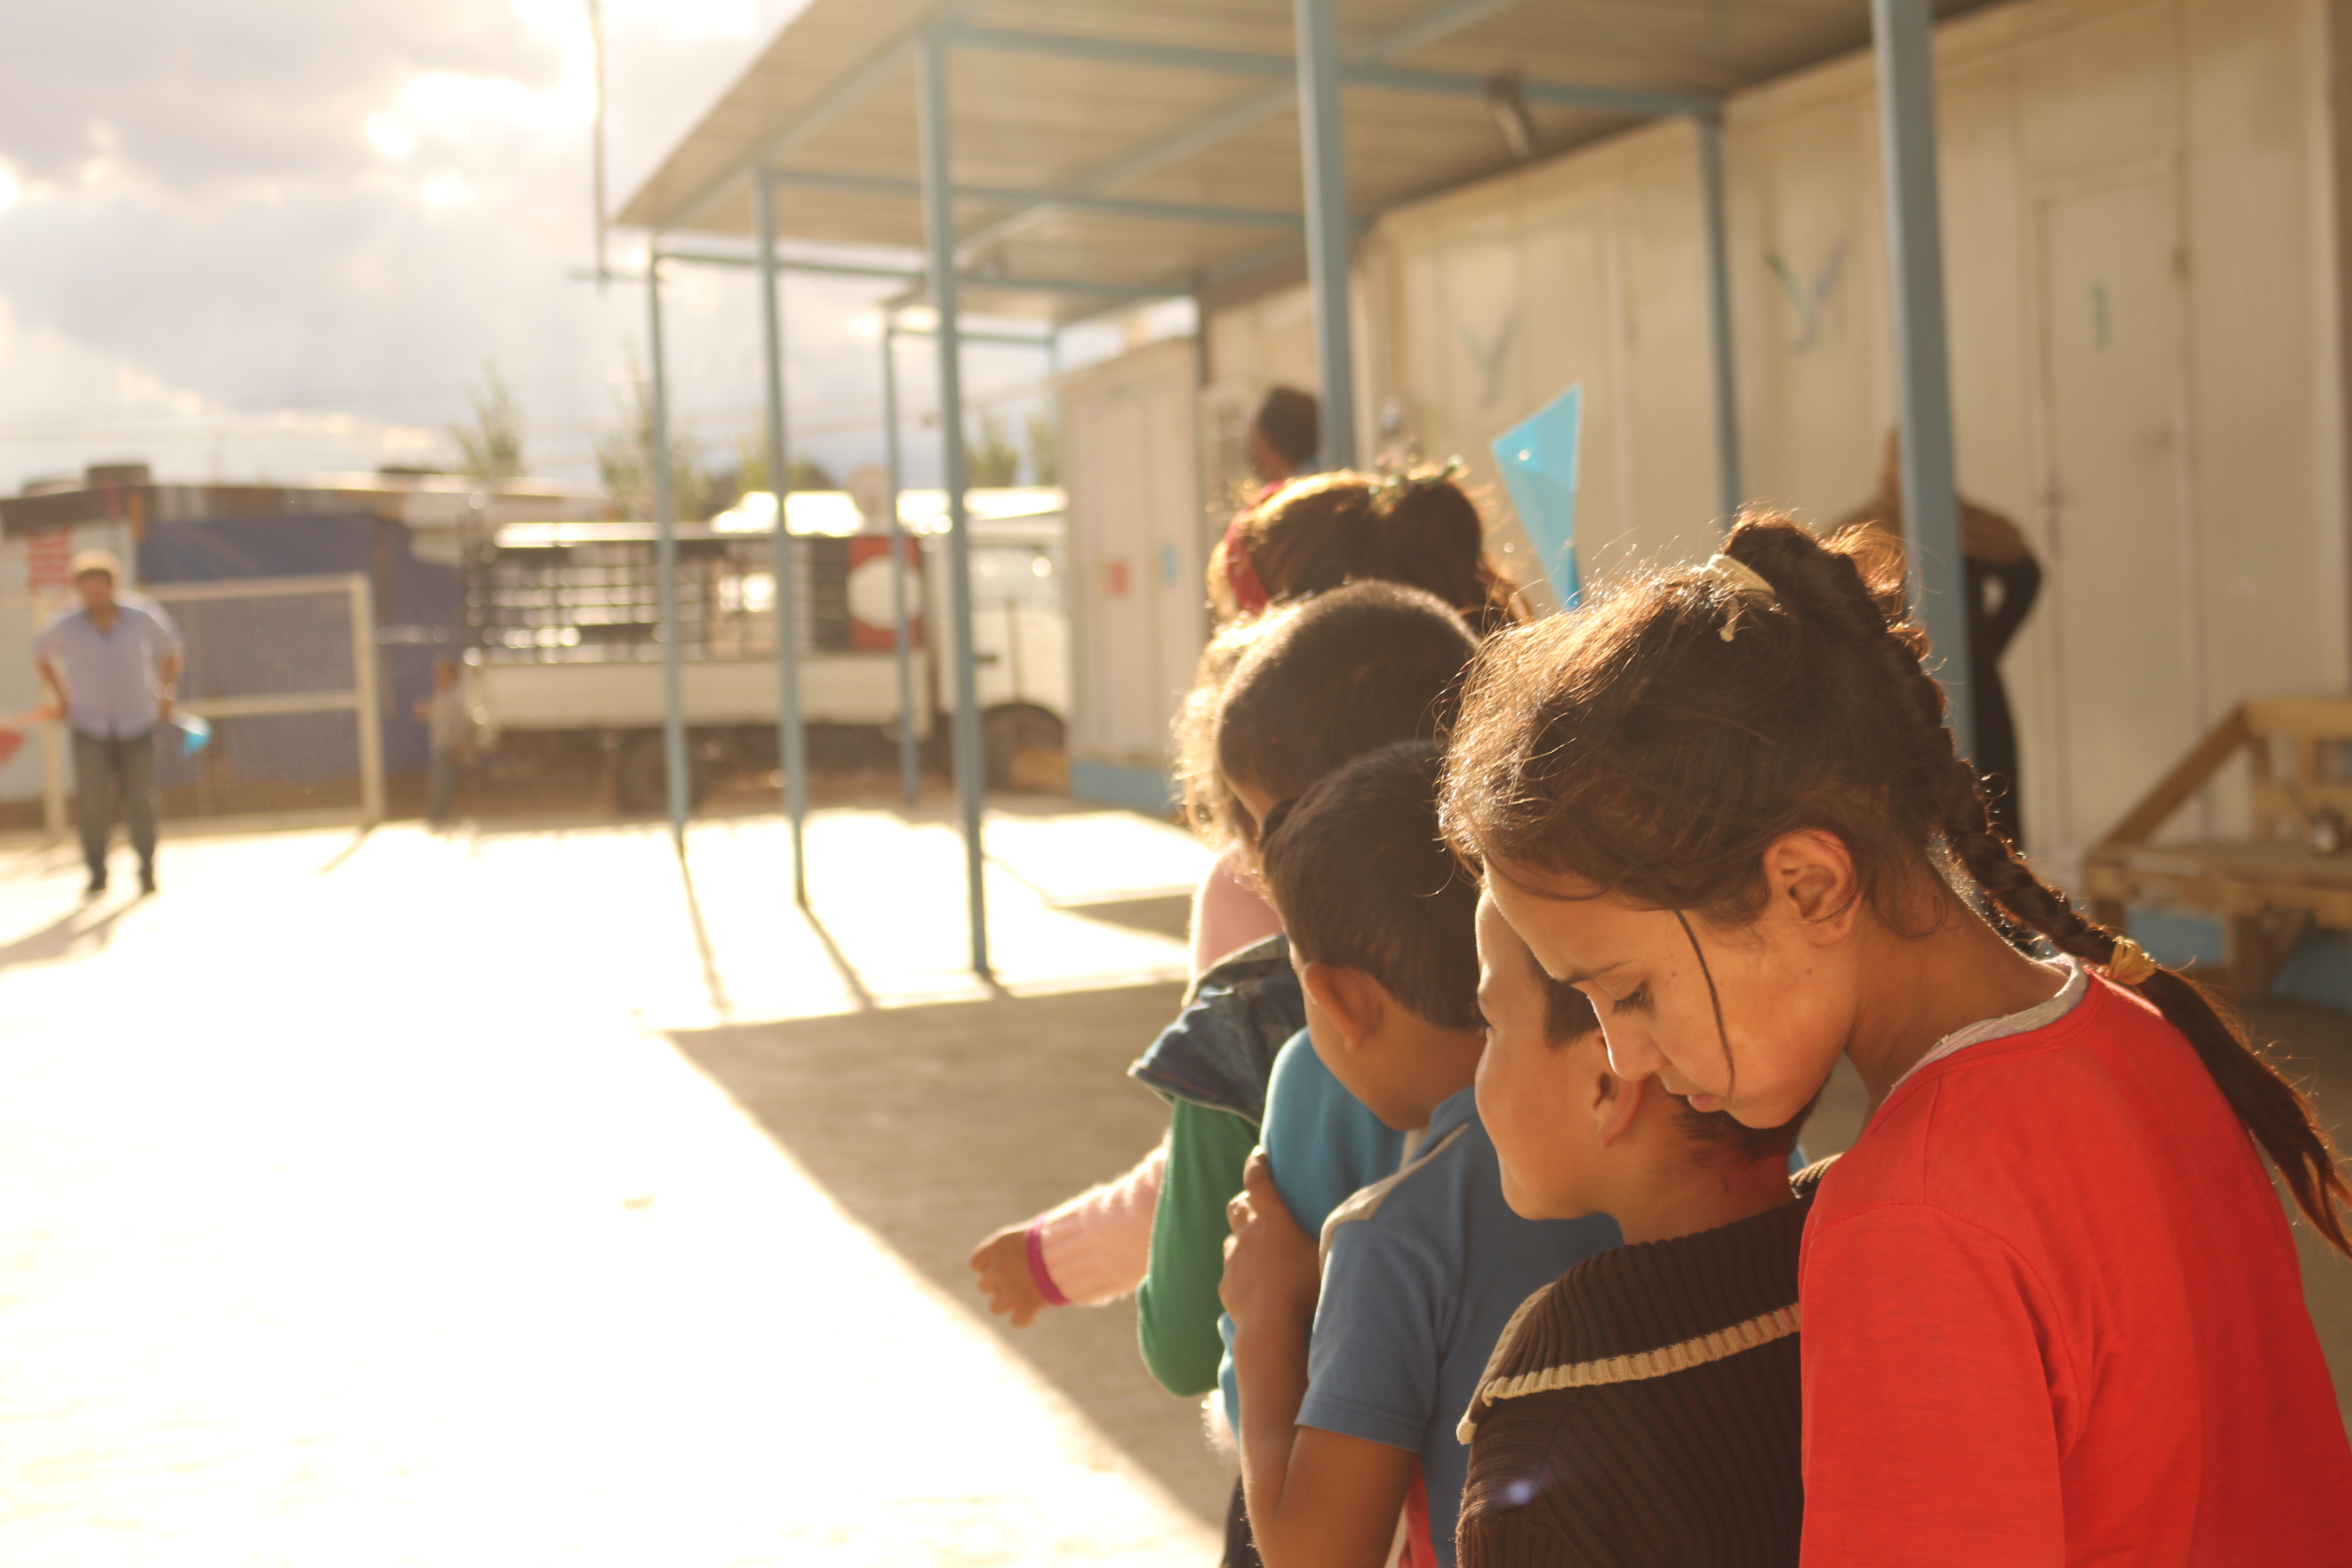 Children of the Dalhamiyya Camp